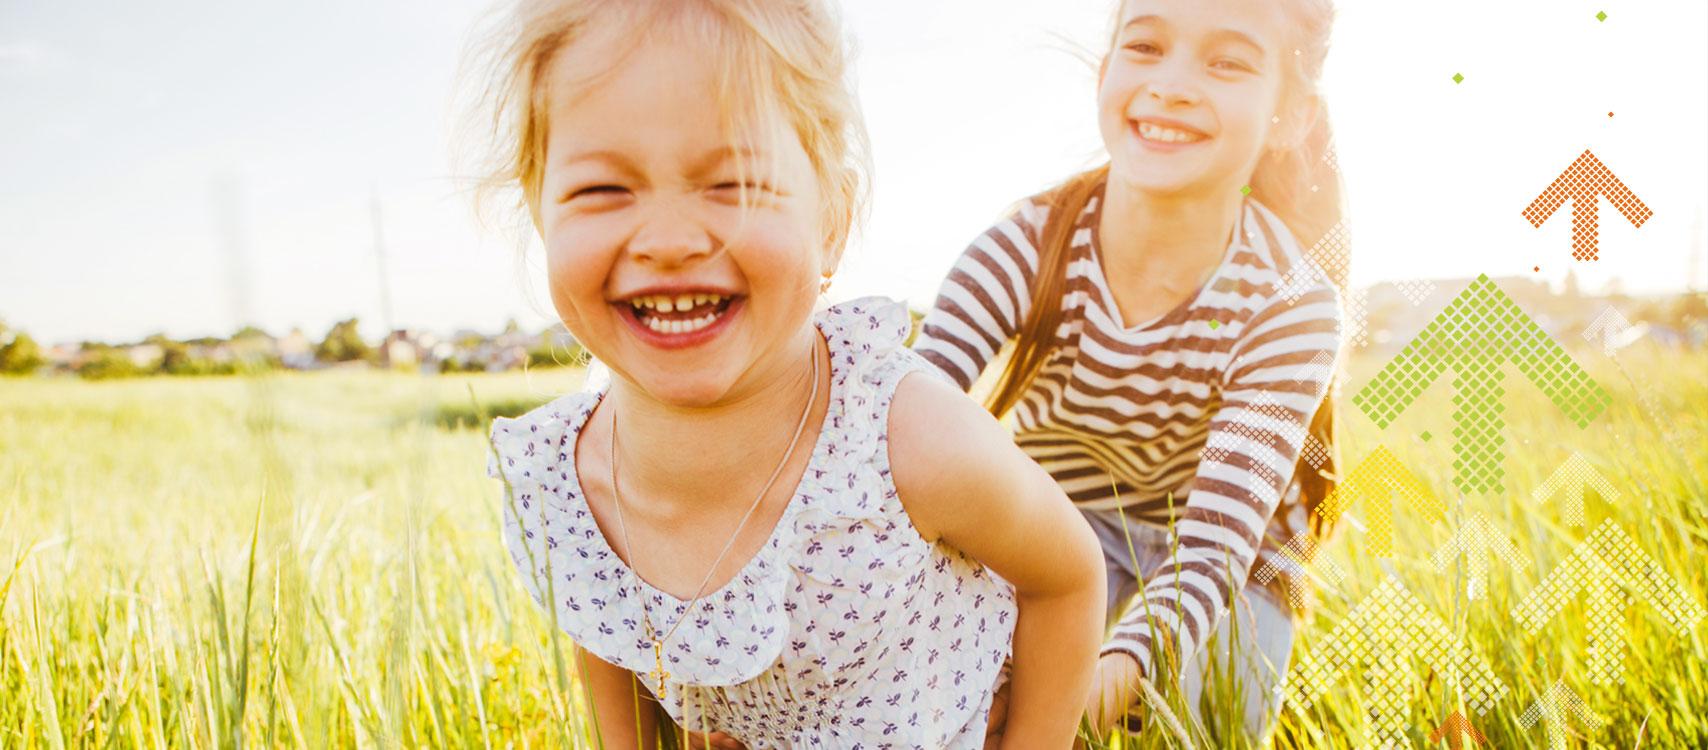 Mädchen rennen lachend über eine Wiese